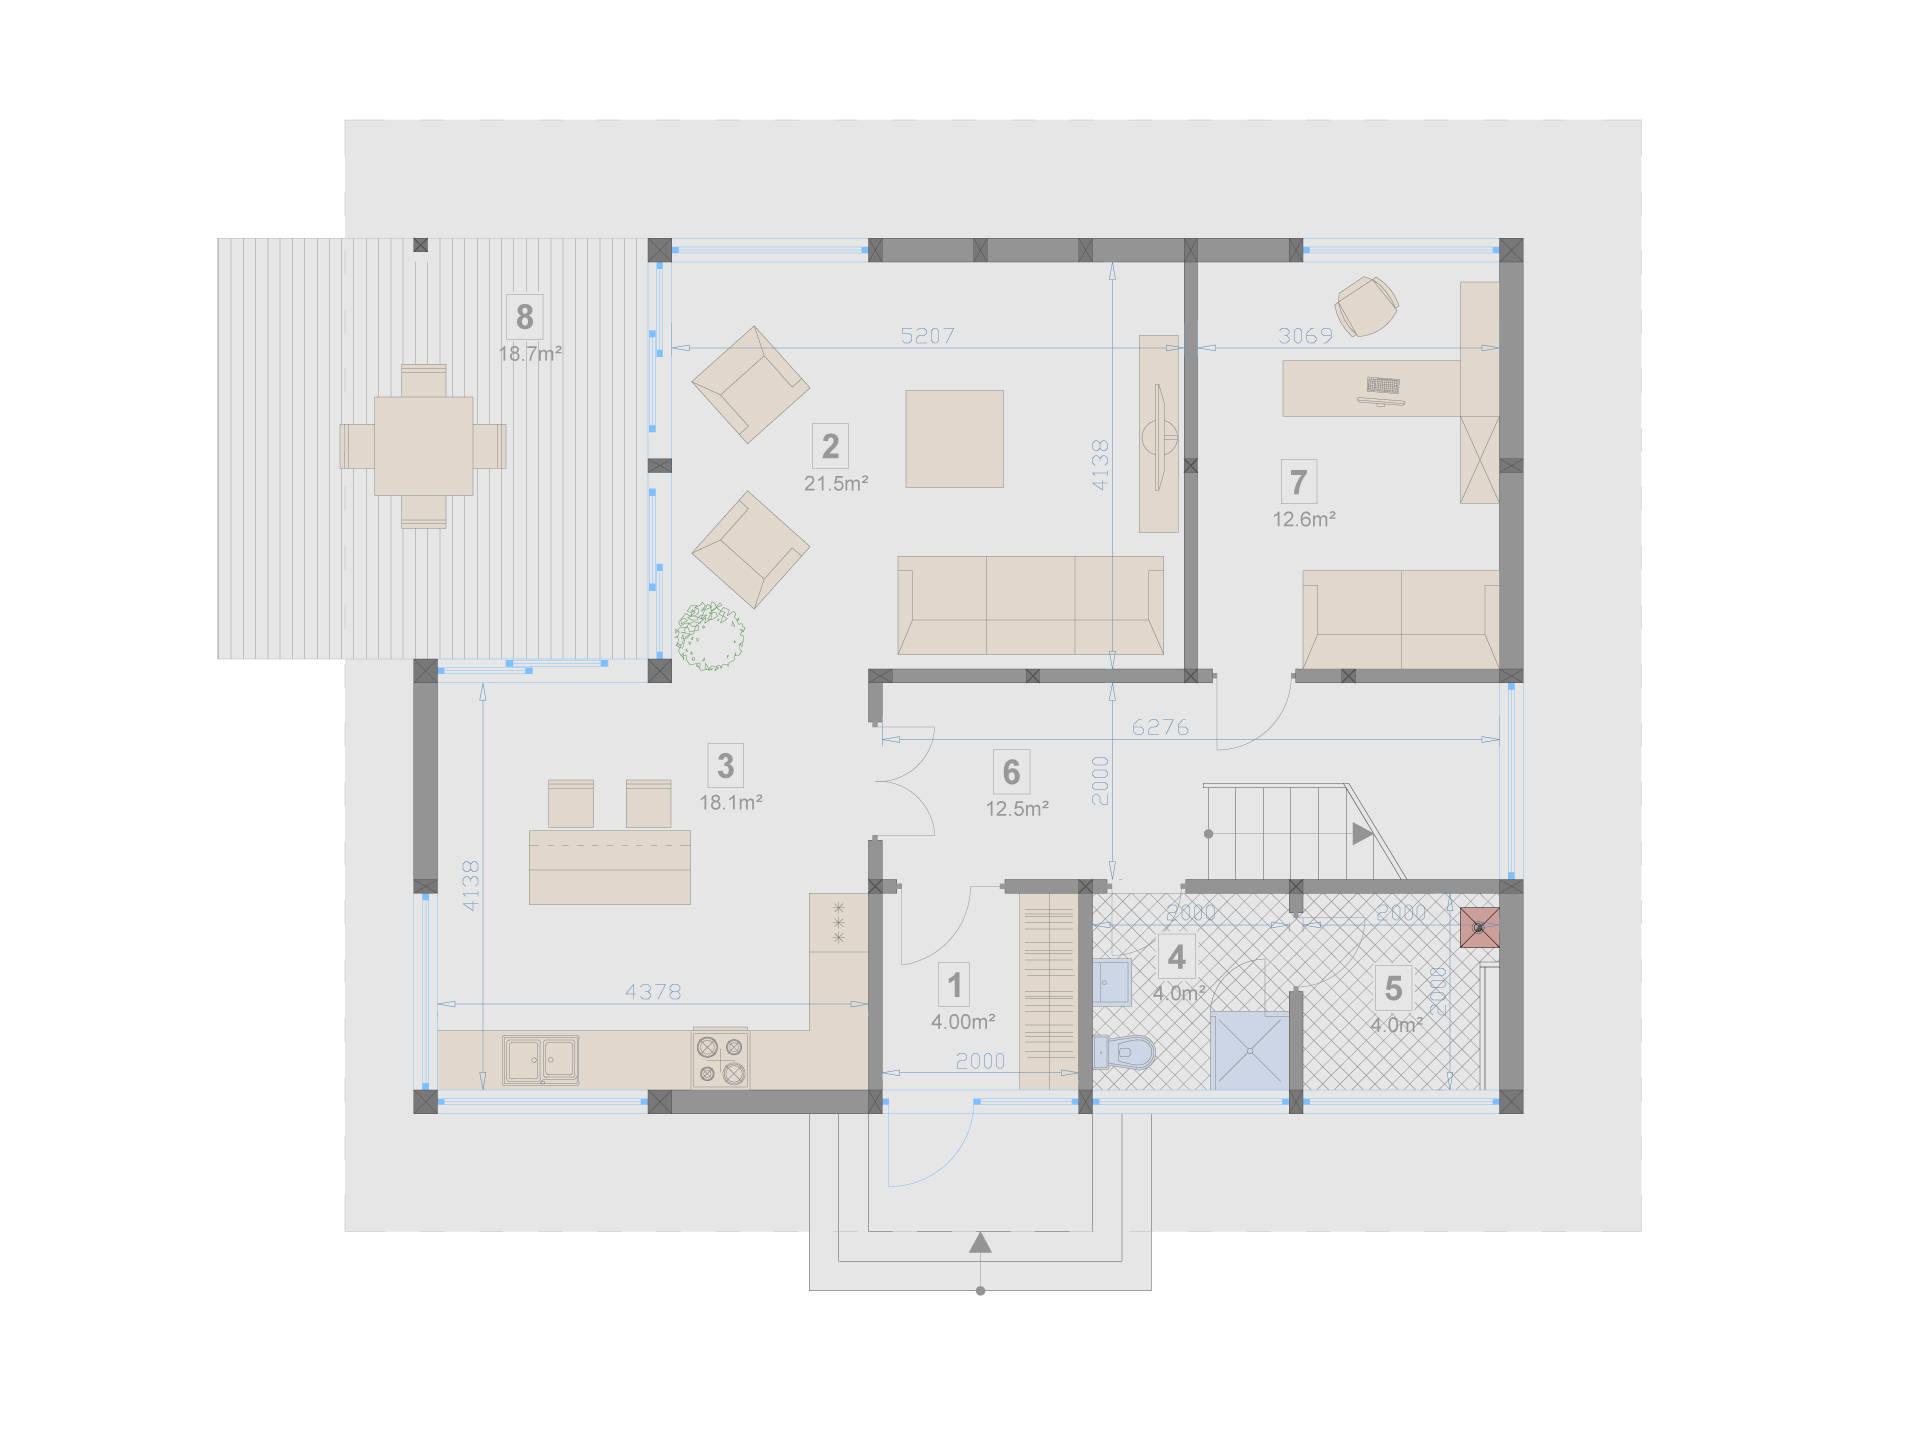 Familienhaus 140 von Designo Haus - Grundriss EG